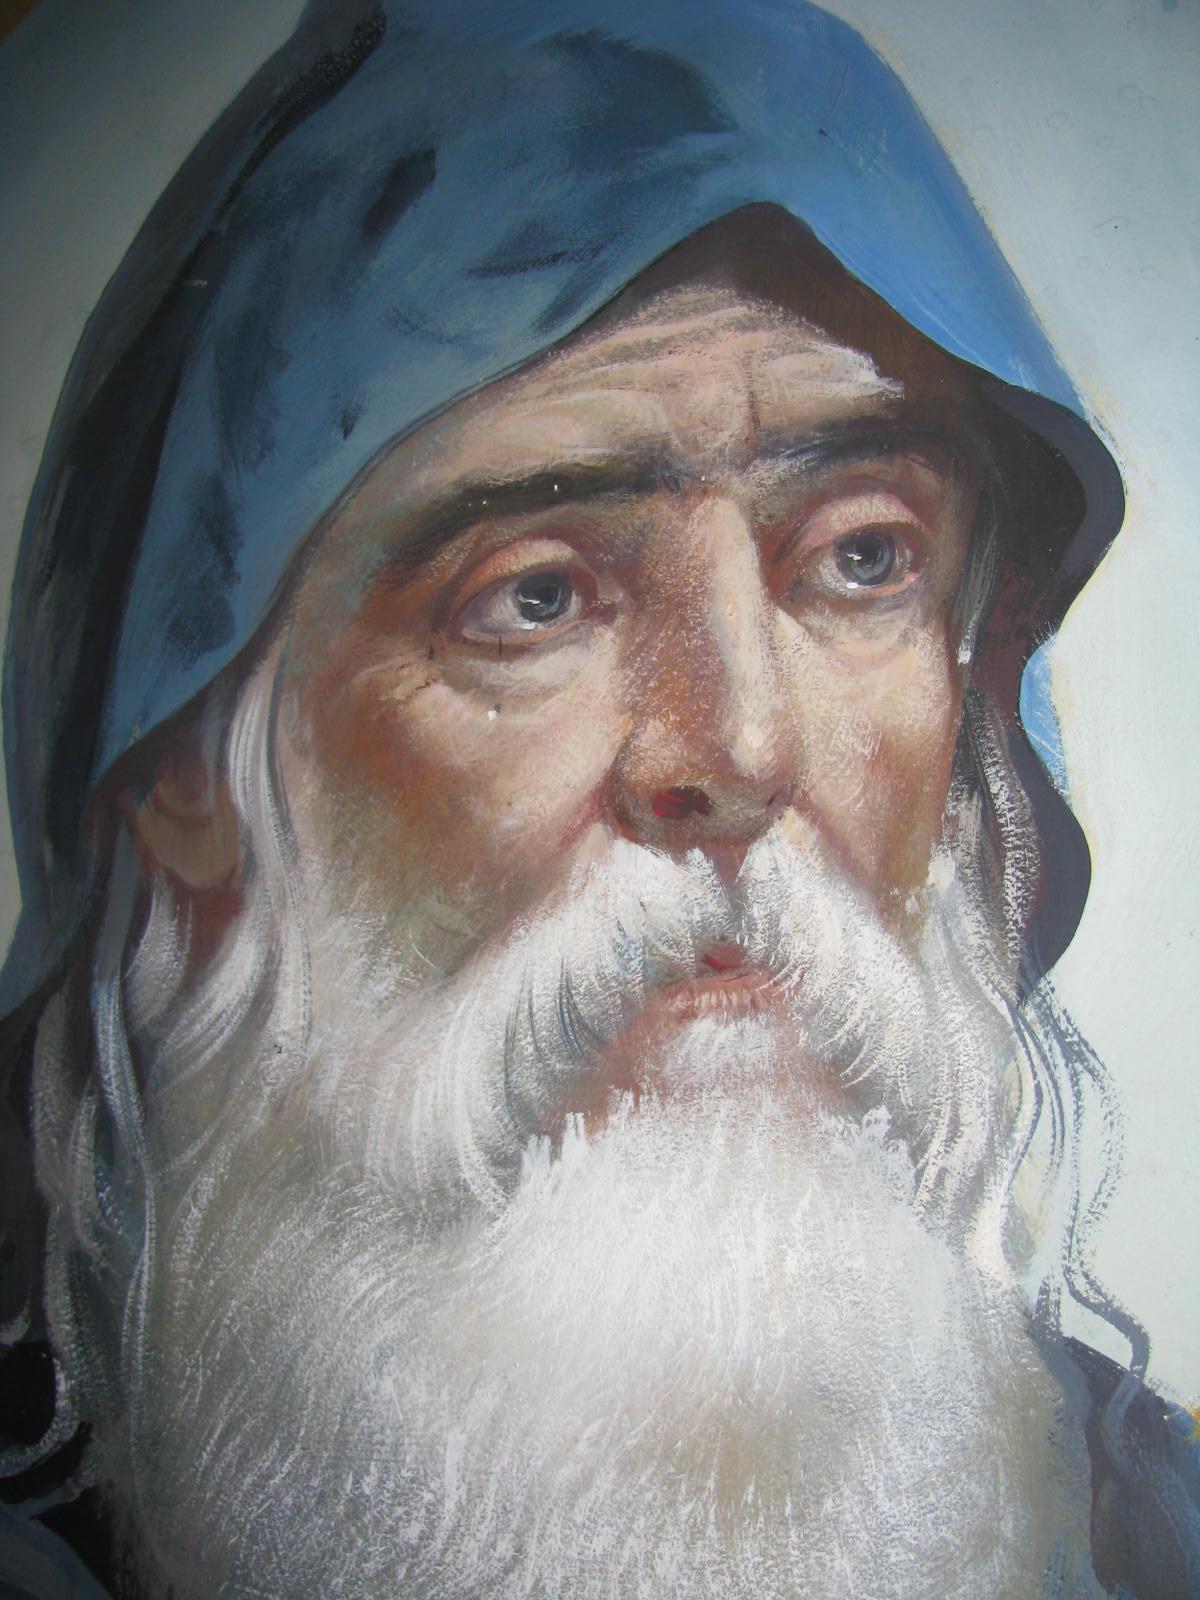 Του σατανά από το δρόμο του χριστού